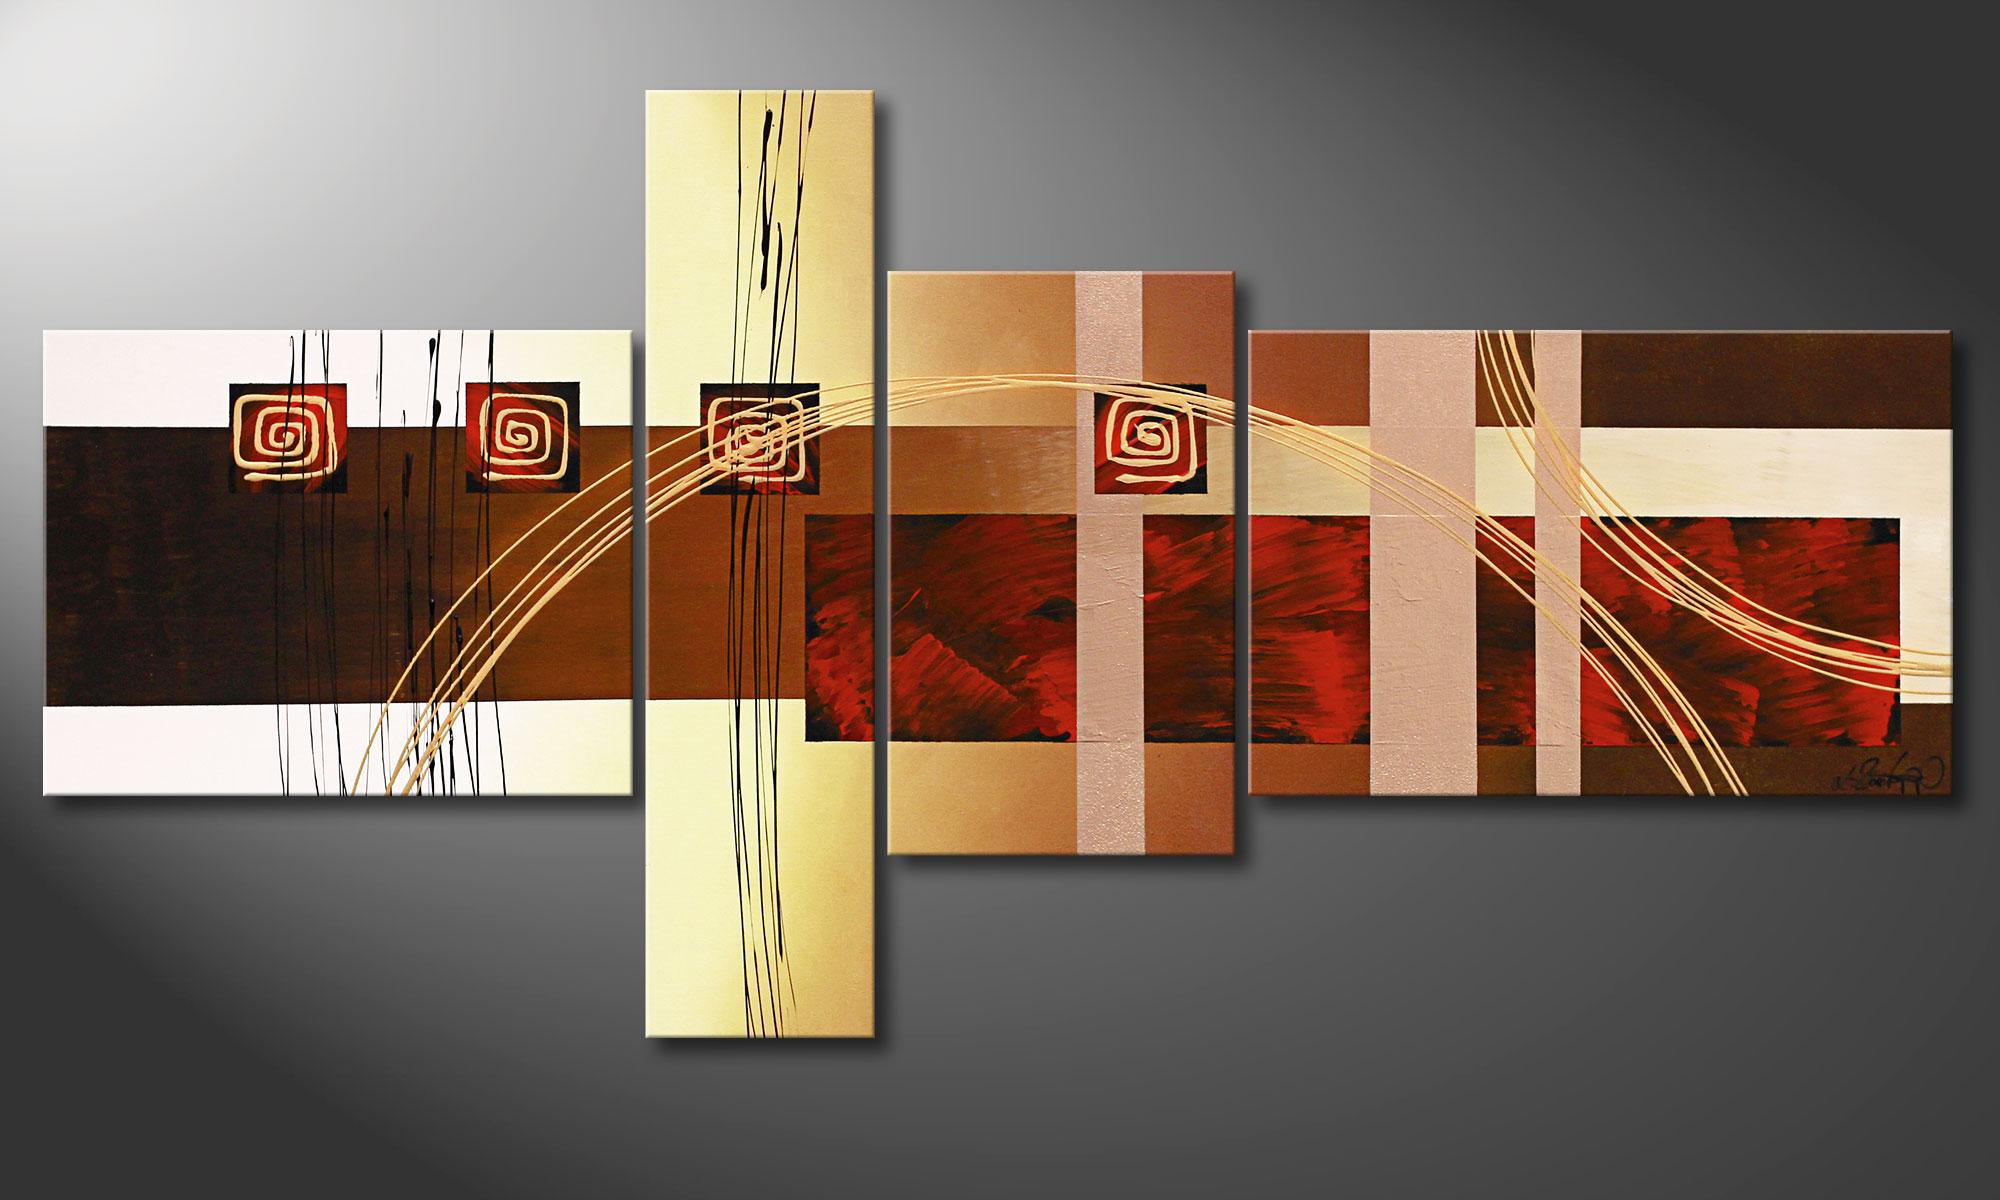 Woonkamer schilderij golden ways 160x80cm   schilderij xxl